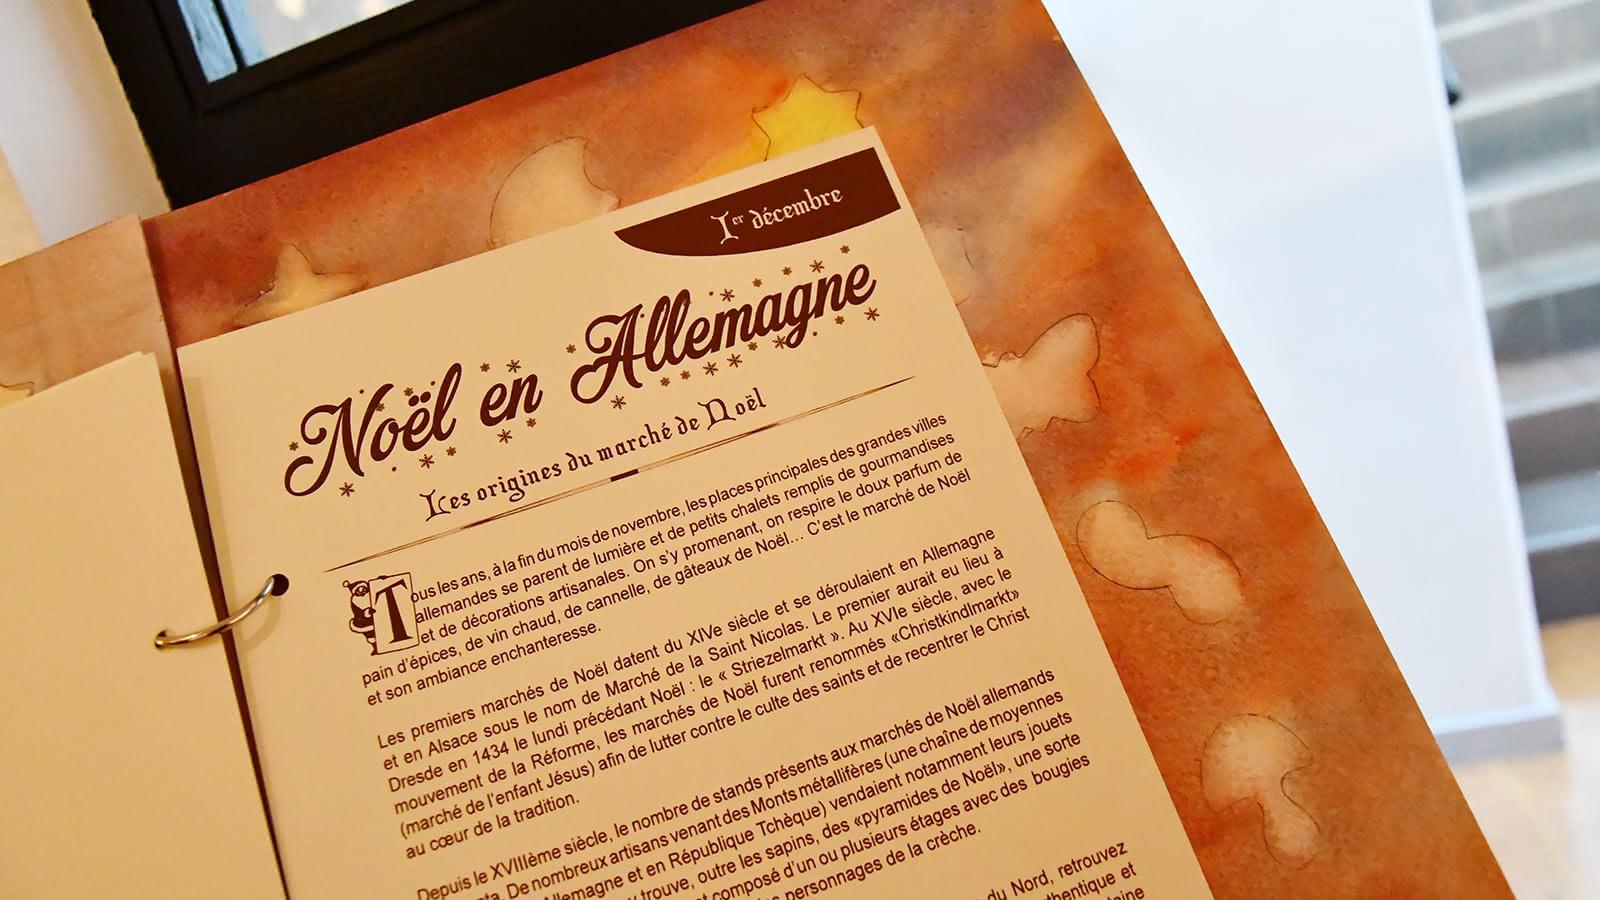 Jeu Concours Calendrier De Lavent 2020.Calendrier De L Avent Numerique Visit Alsace